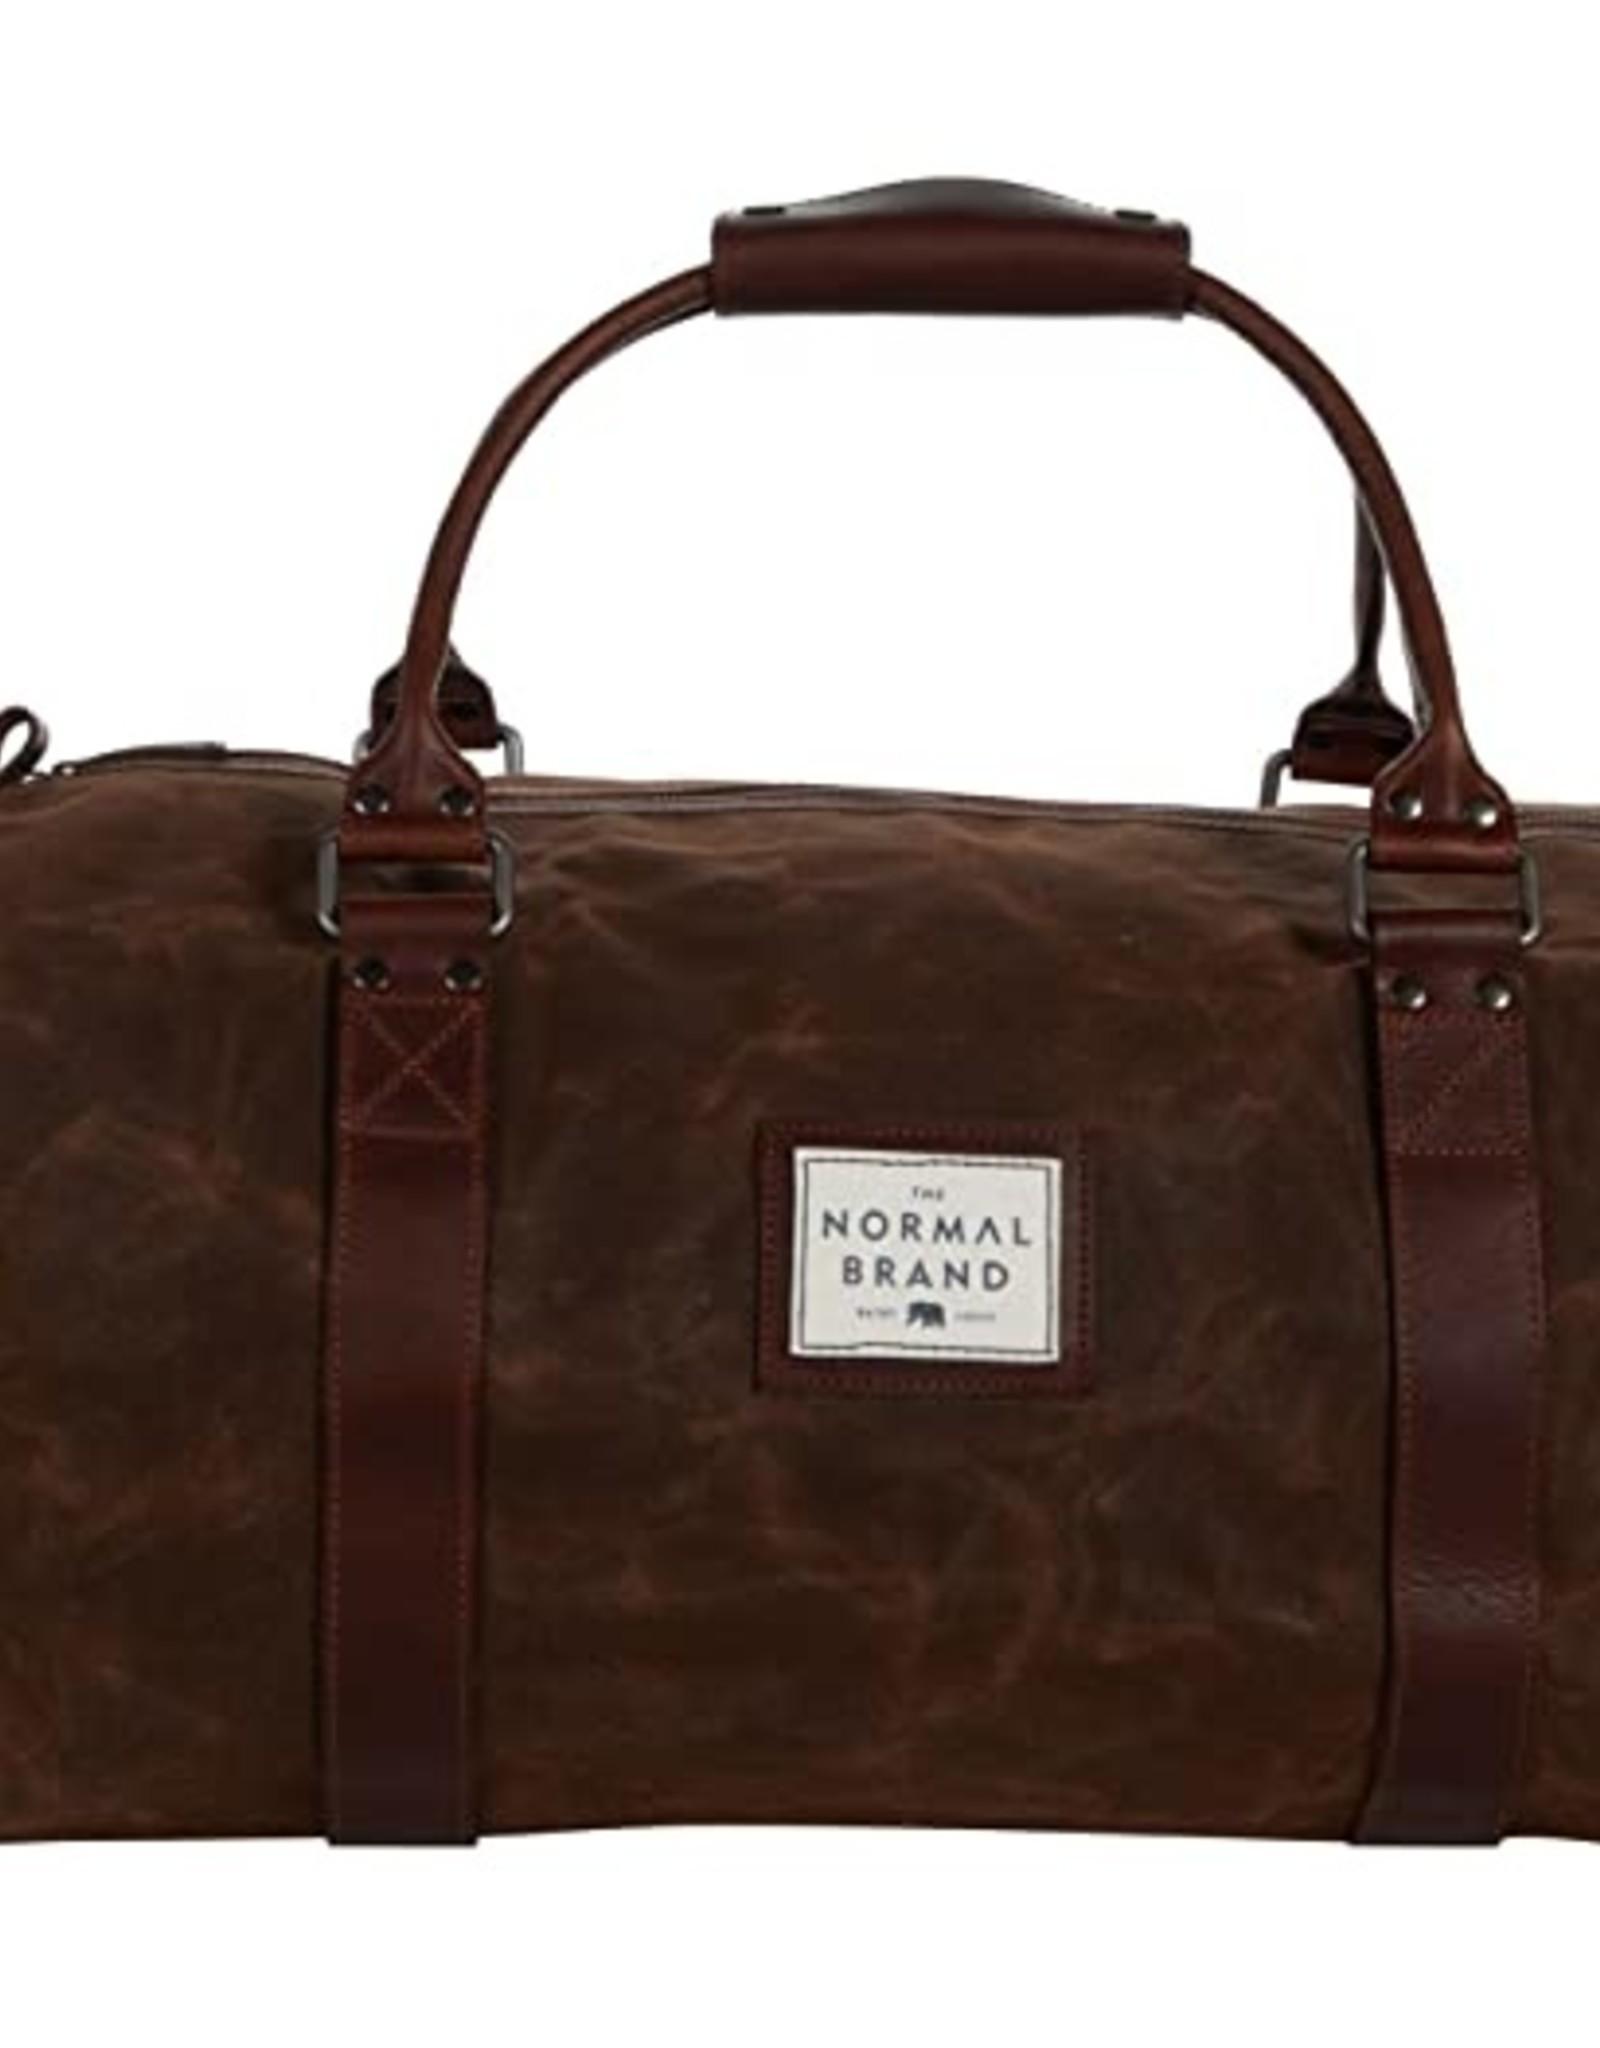 The Normal Brand The Garrett Bag